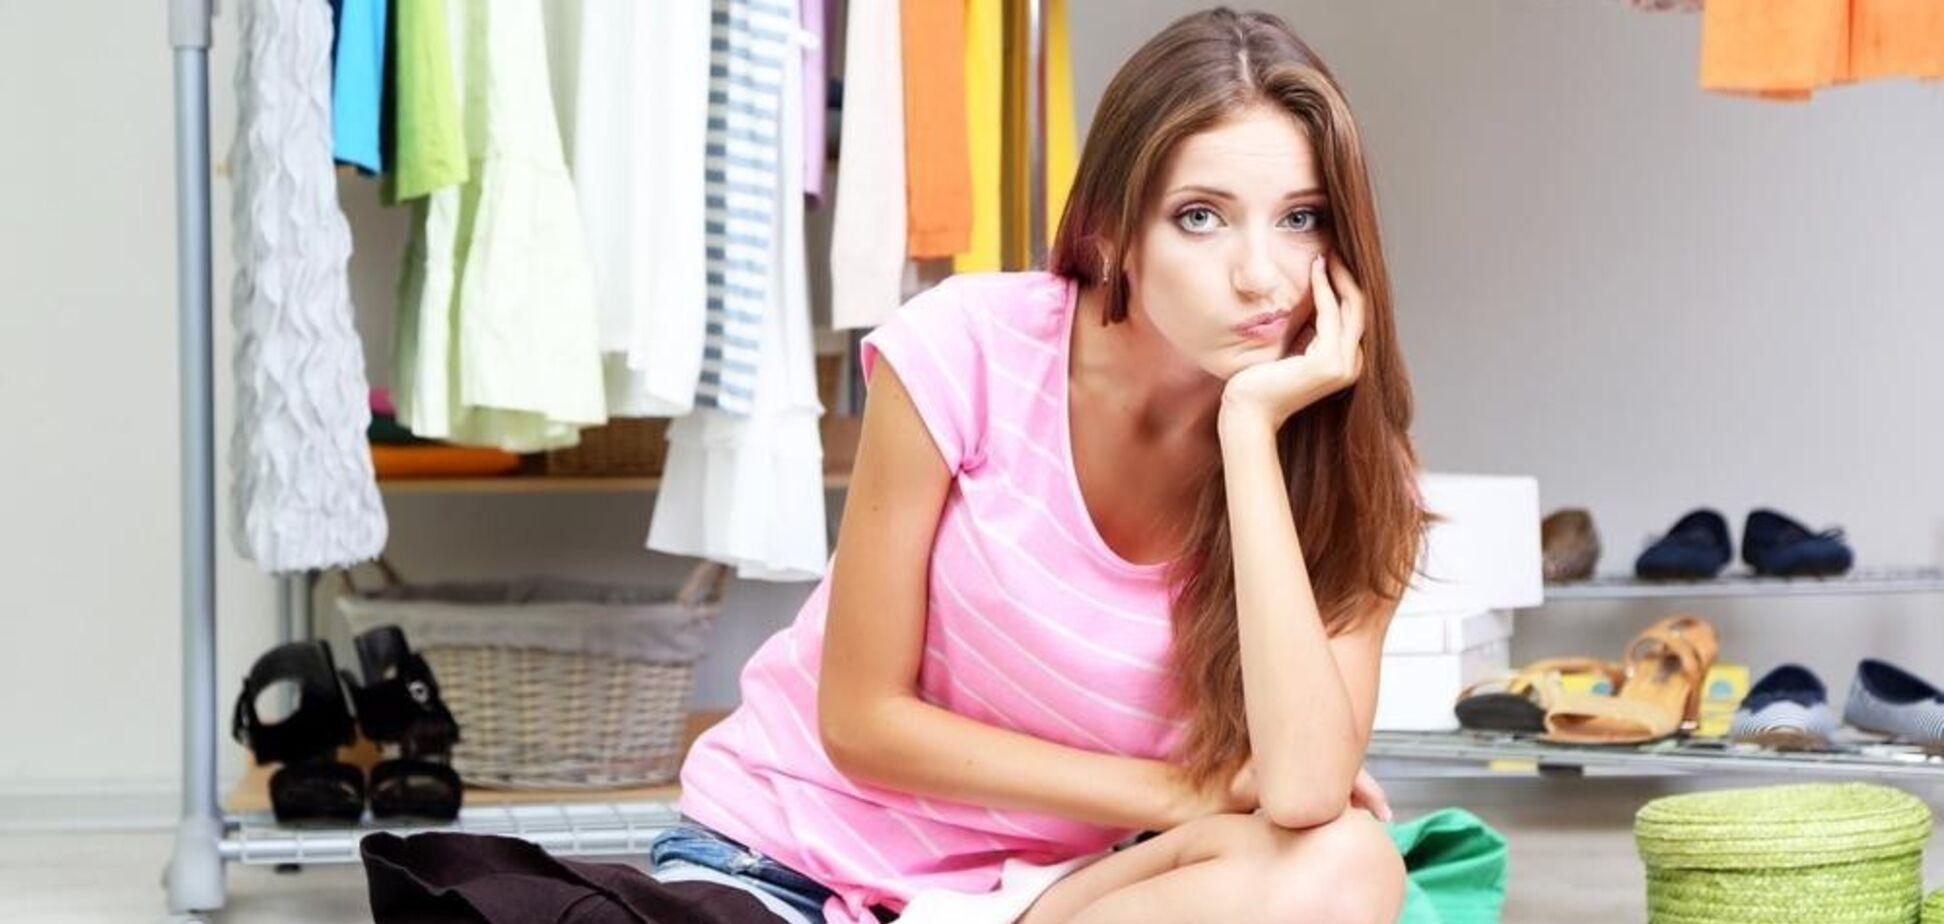 П'ять речей, які приносять в будинок нещастя: від чого позбутися першим